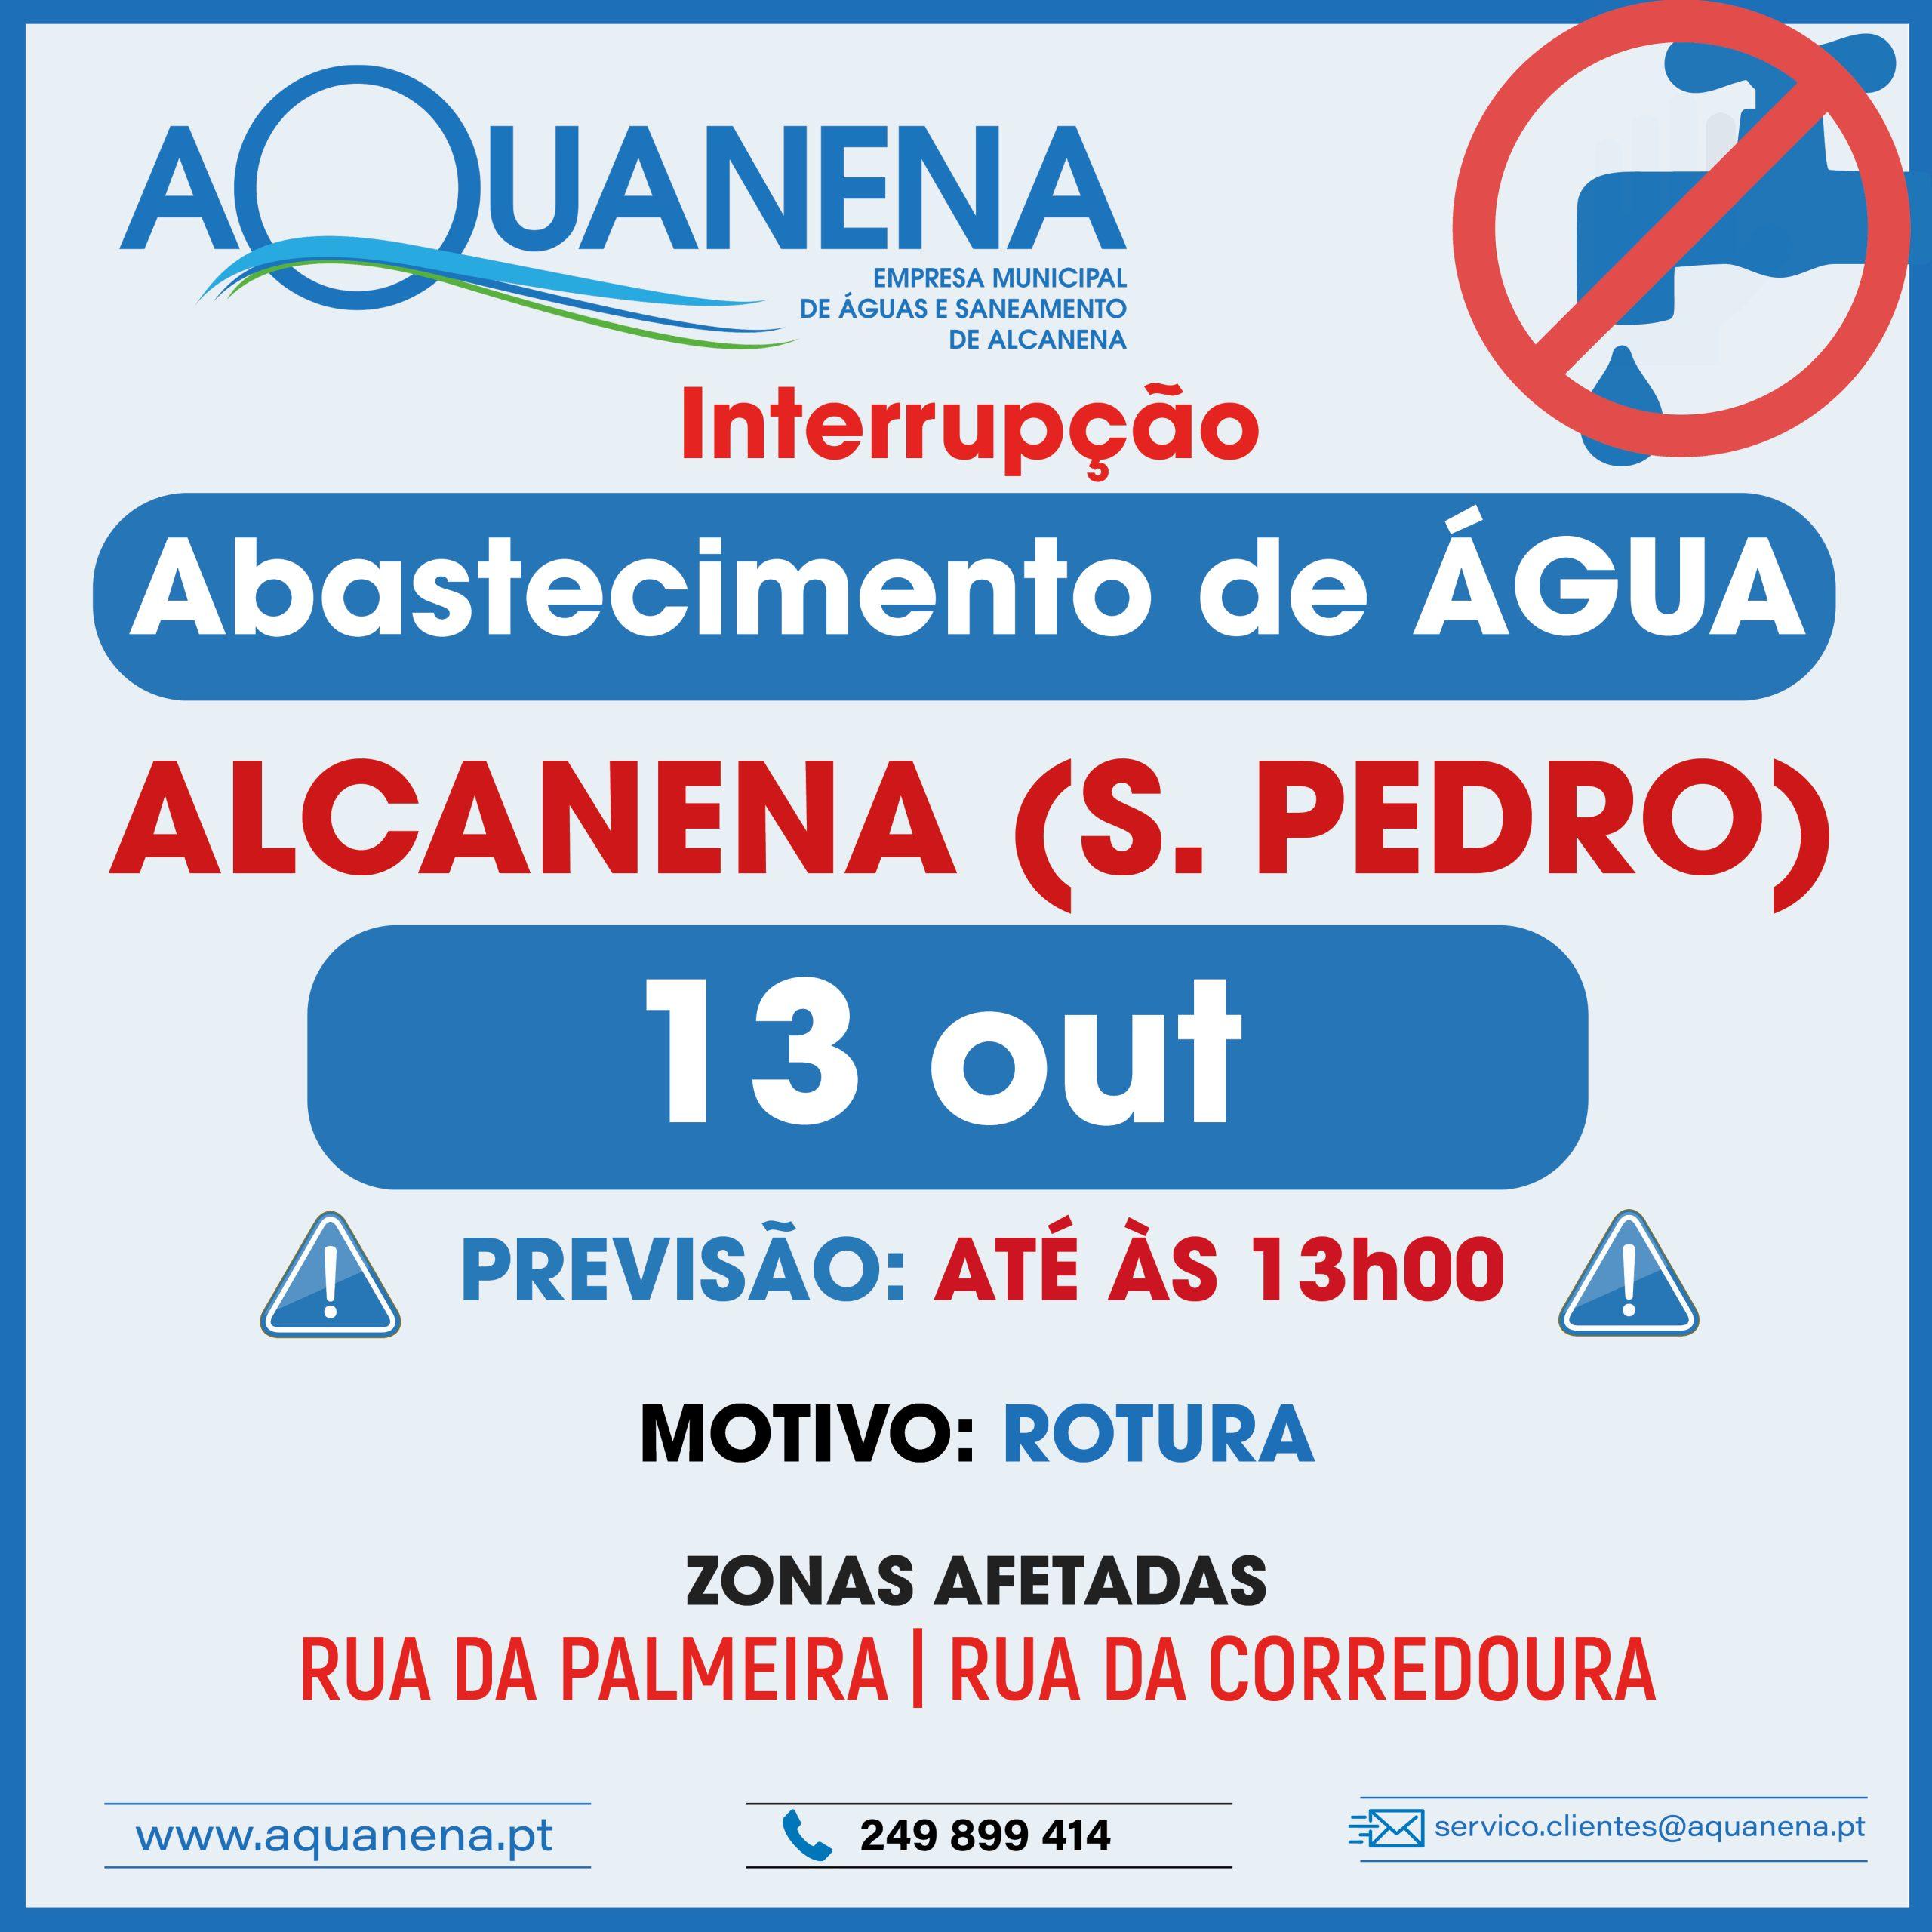 INTERRUPÇÃO DO ABASTECIMENTO de água em ALCANENA | SÃO PEDRO | 13 OUT